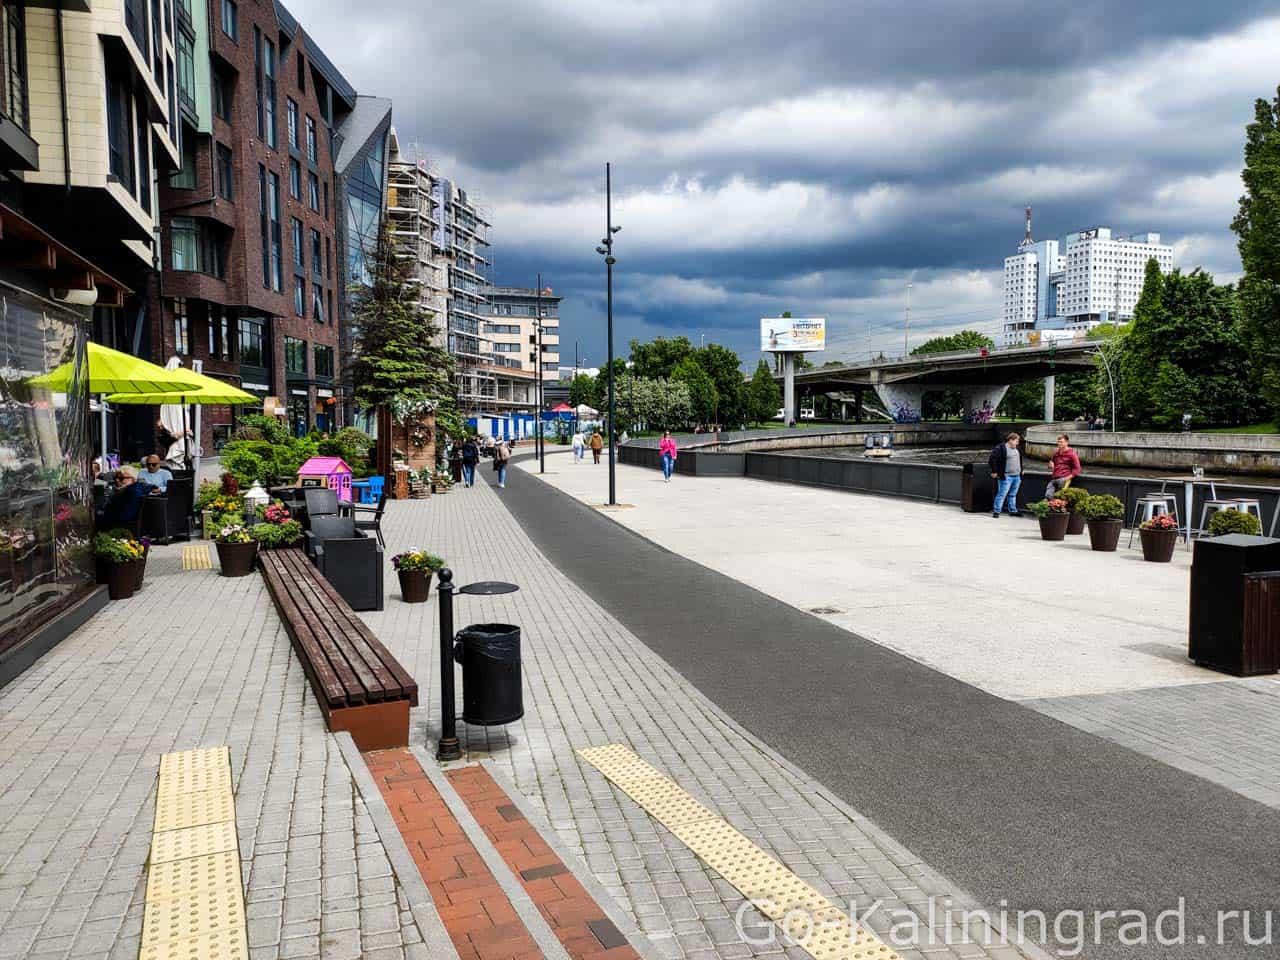 Чем заняться в июне 2021 в Калининграде. Афиша мероприятий